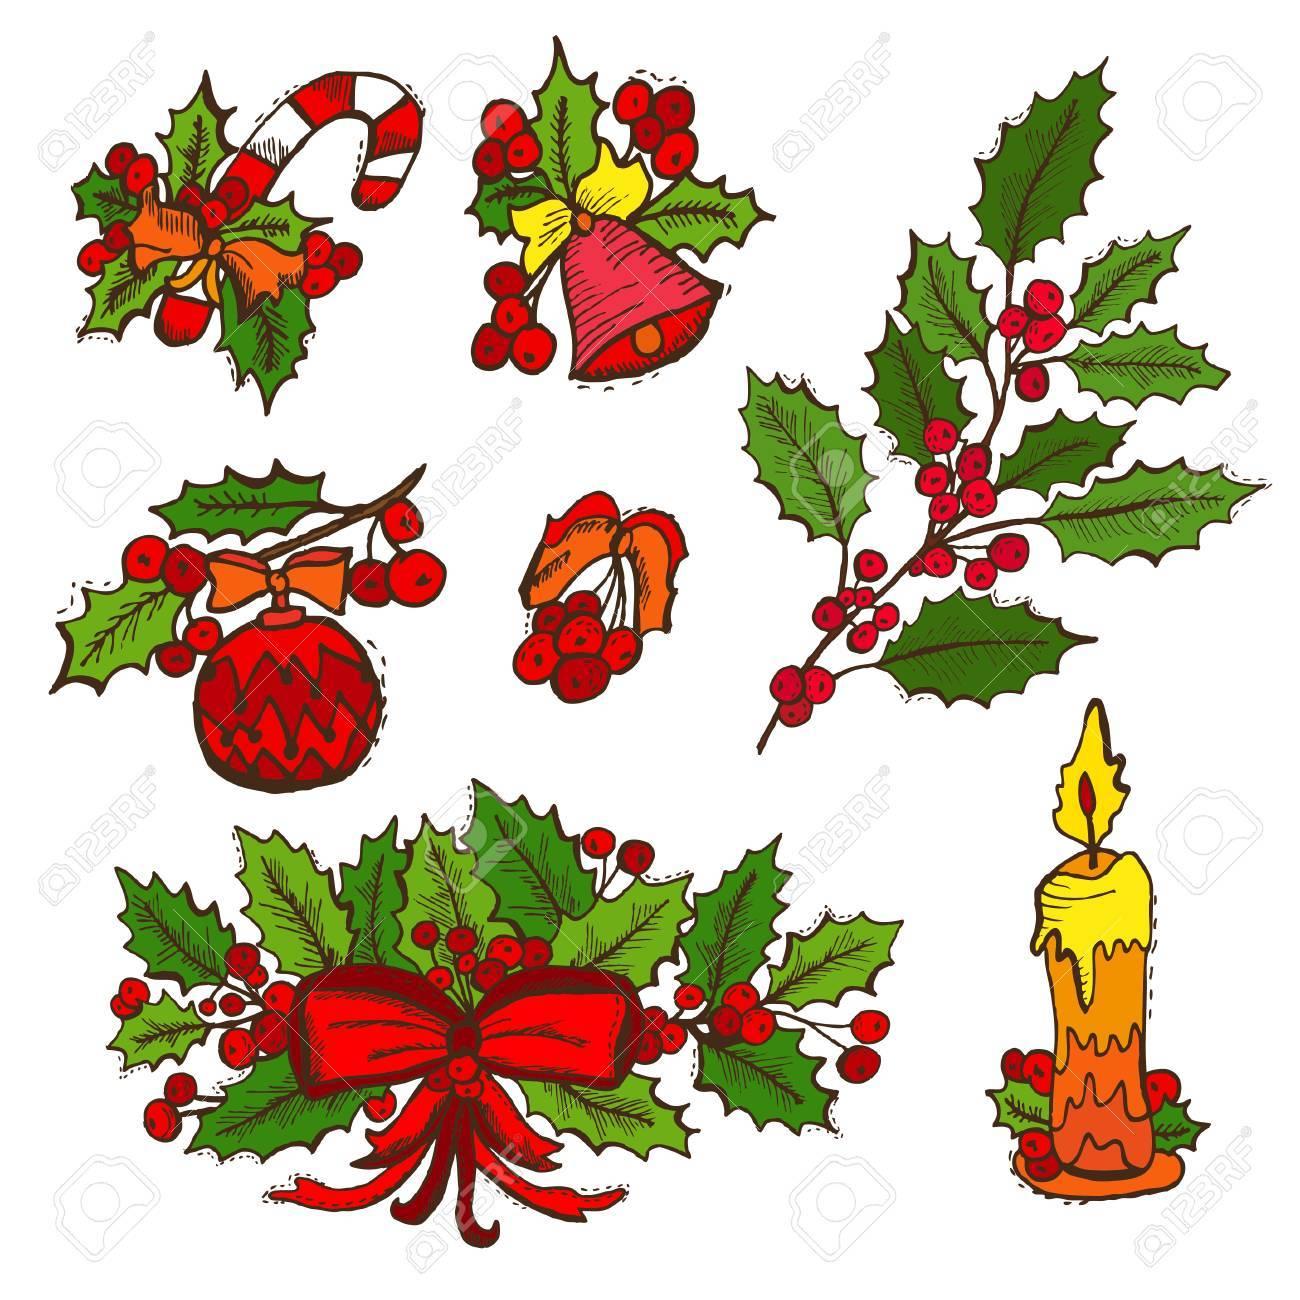 Decorazioni Di Natale Disegni.Vettoriale Disegno A Mano Decorativi Decorazioni Natalizie